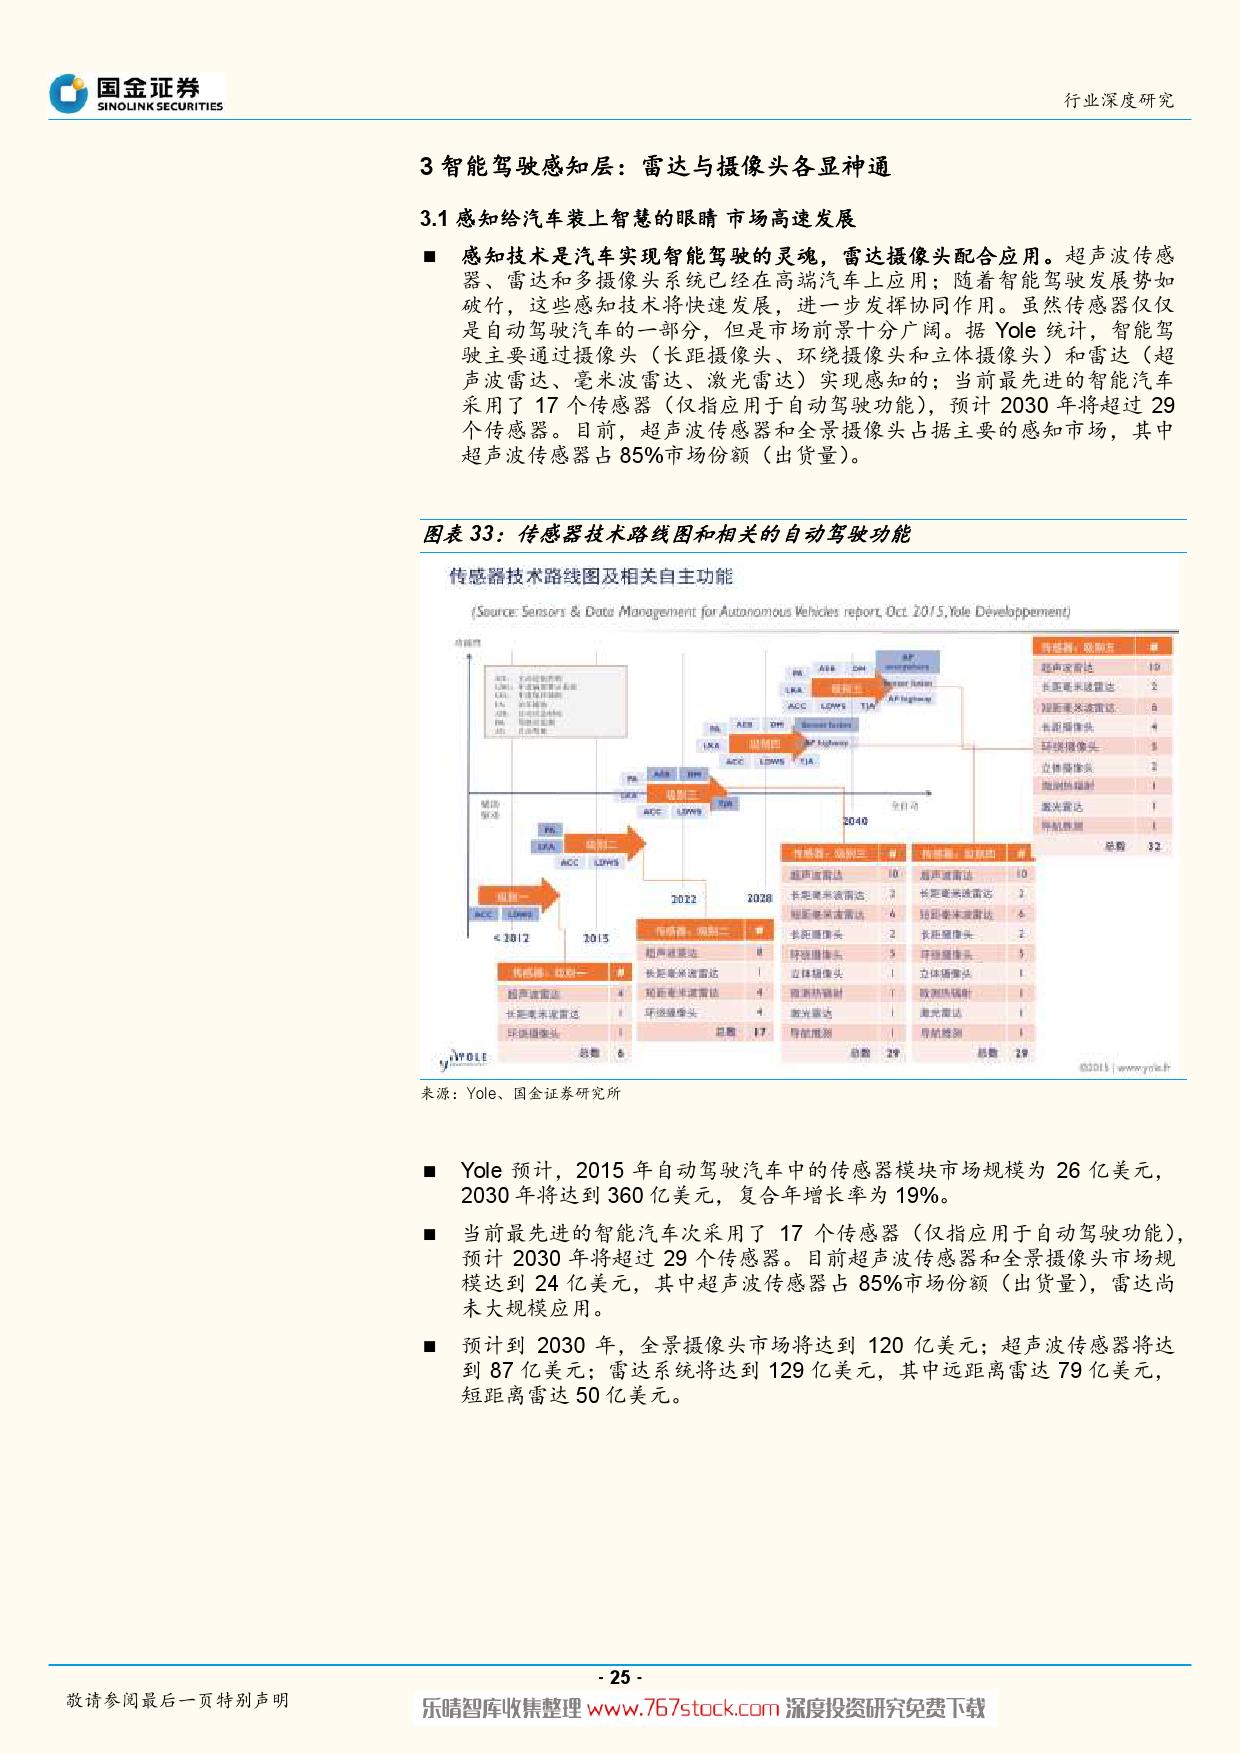 特斯拉产业系列深度报告-智能驾驶爆发在即_000025